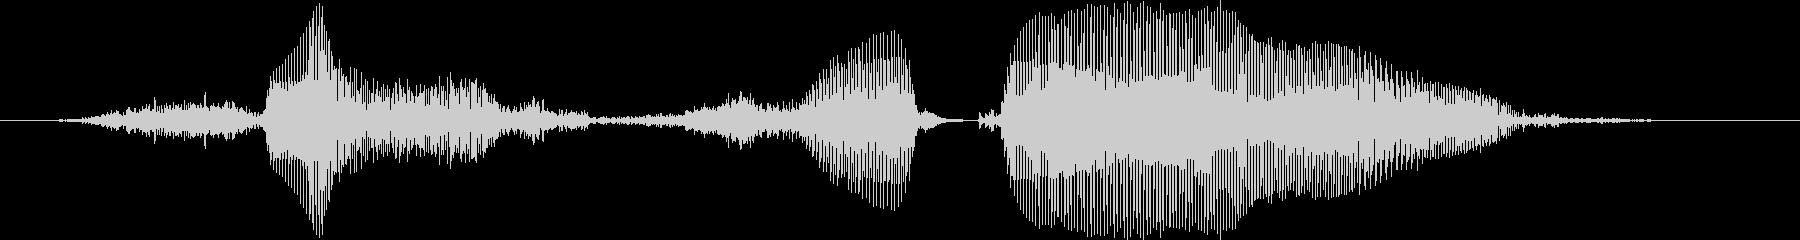 さっすがー!【ロリキャラの褒めボイス】の未再生の波形